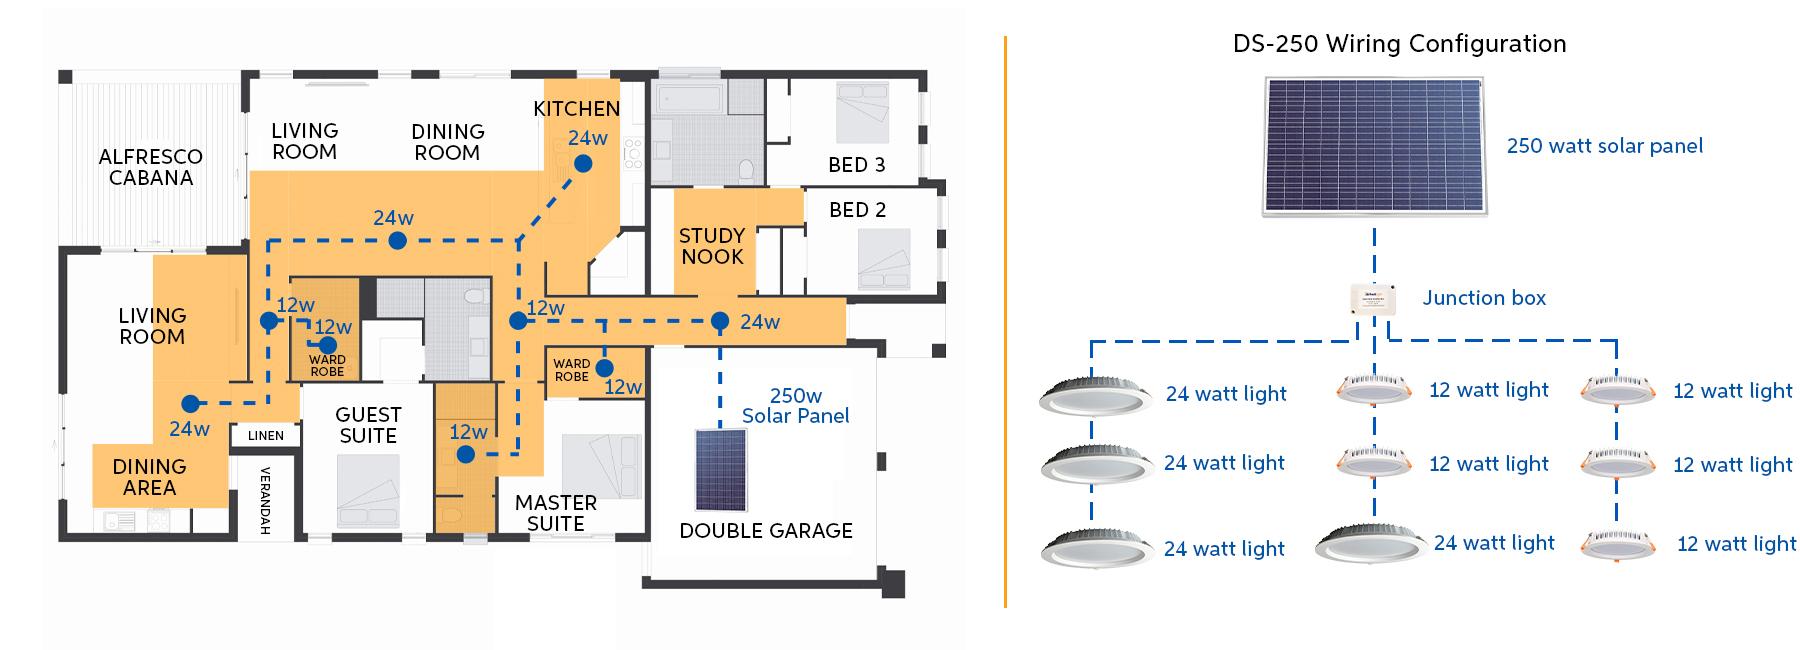 Solar lighting design for large family home combining 24 watt light and 12 watt light and 250 watt solar panel